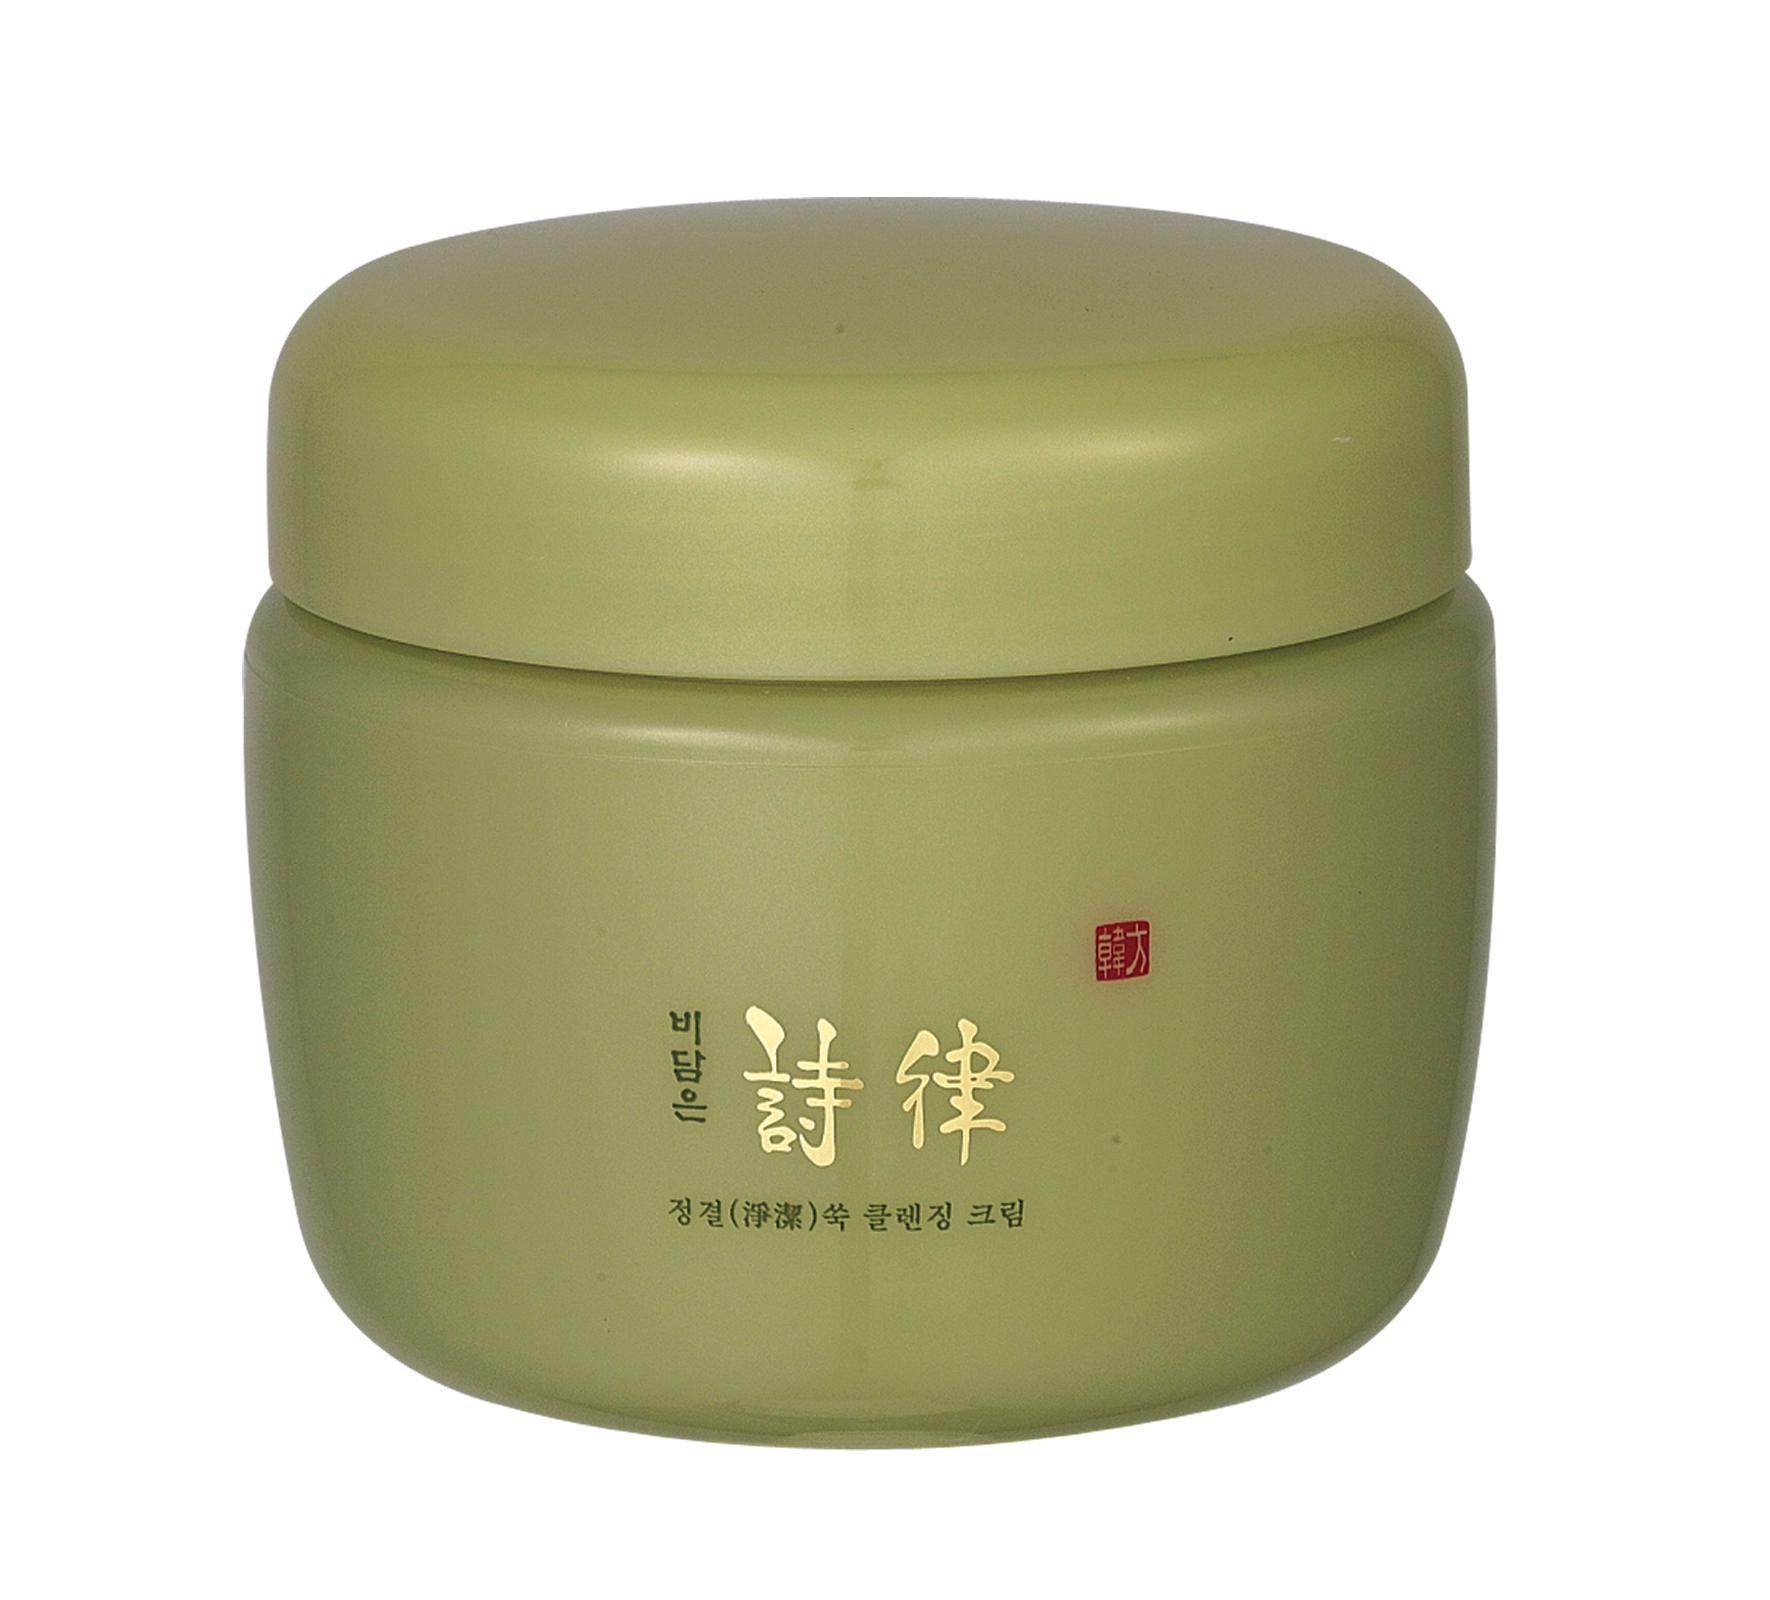 Bidameun - Kem tẩy trang làm sạch và cấp ẩm 300ml